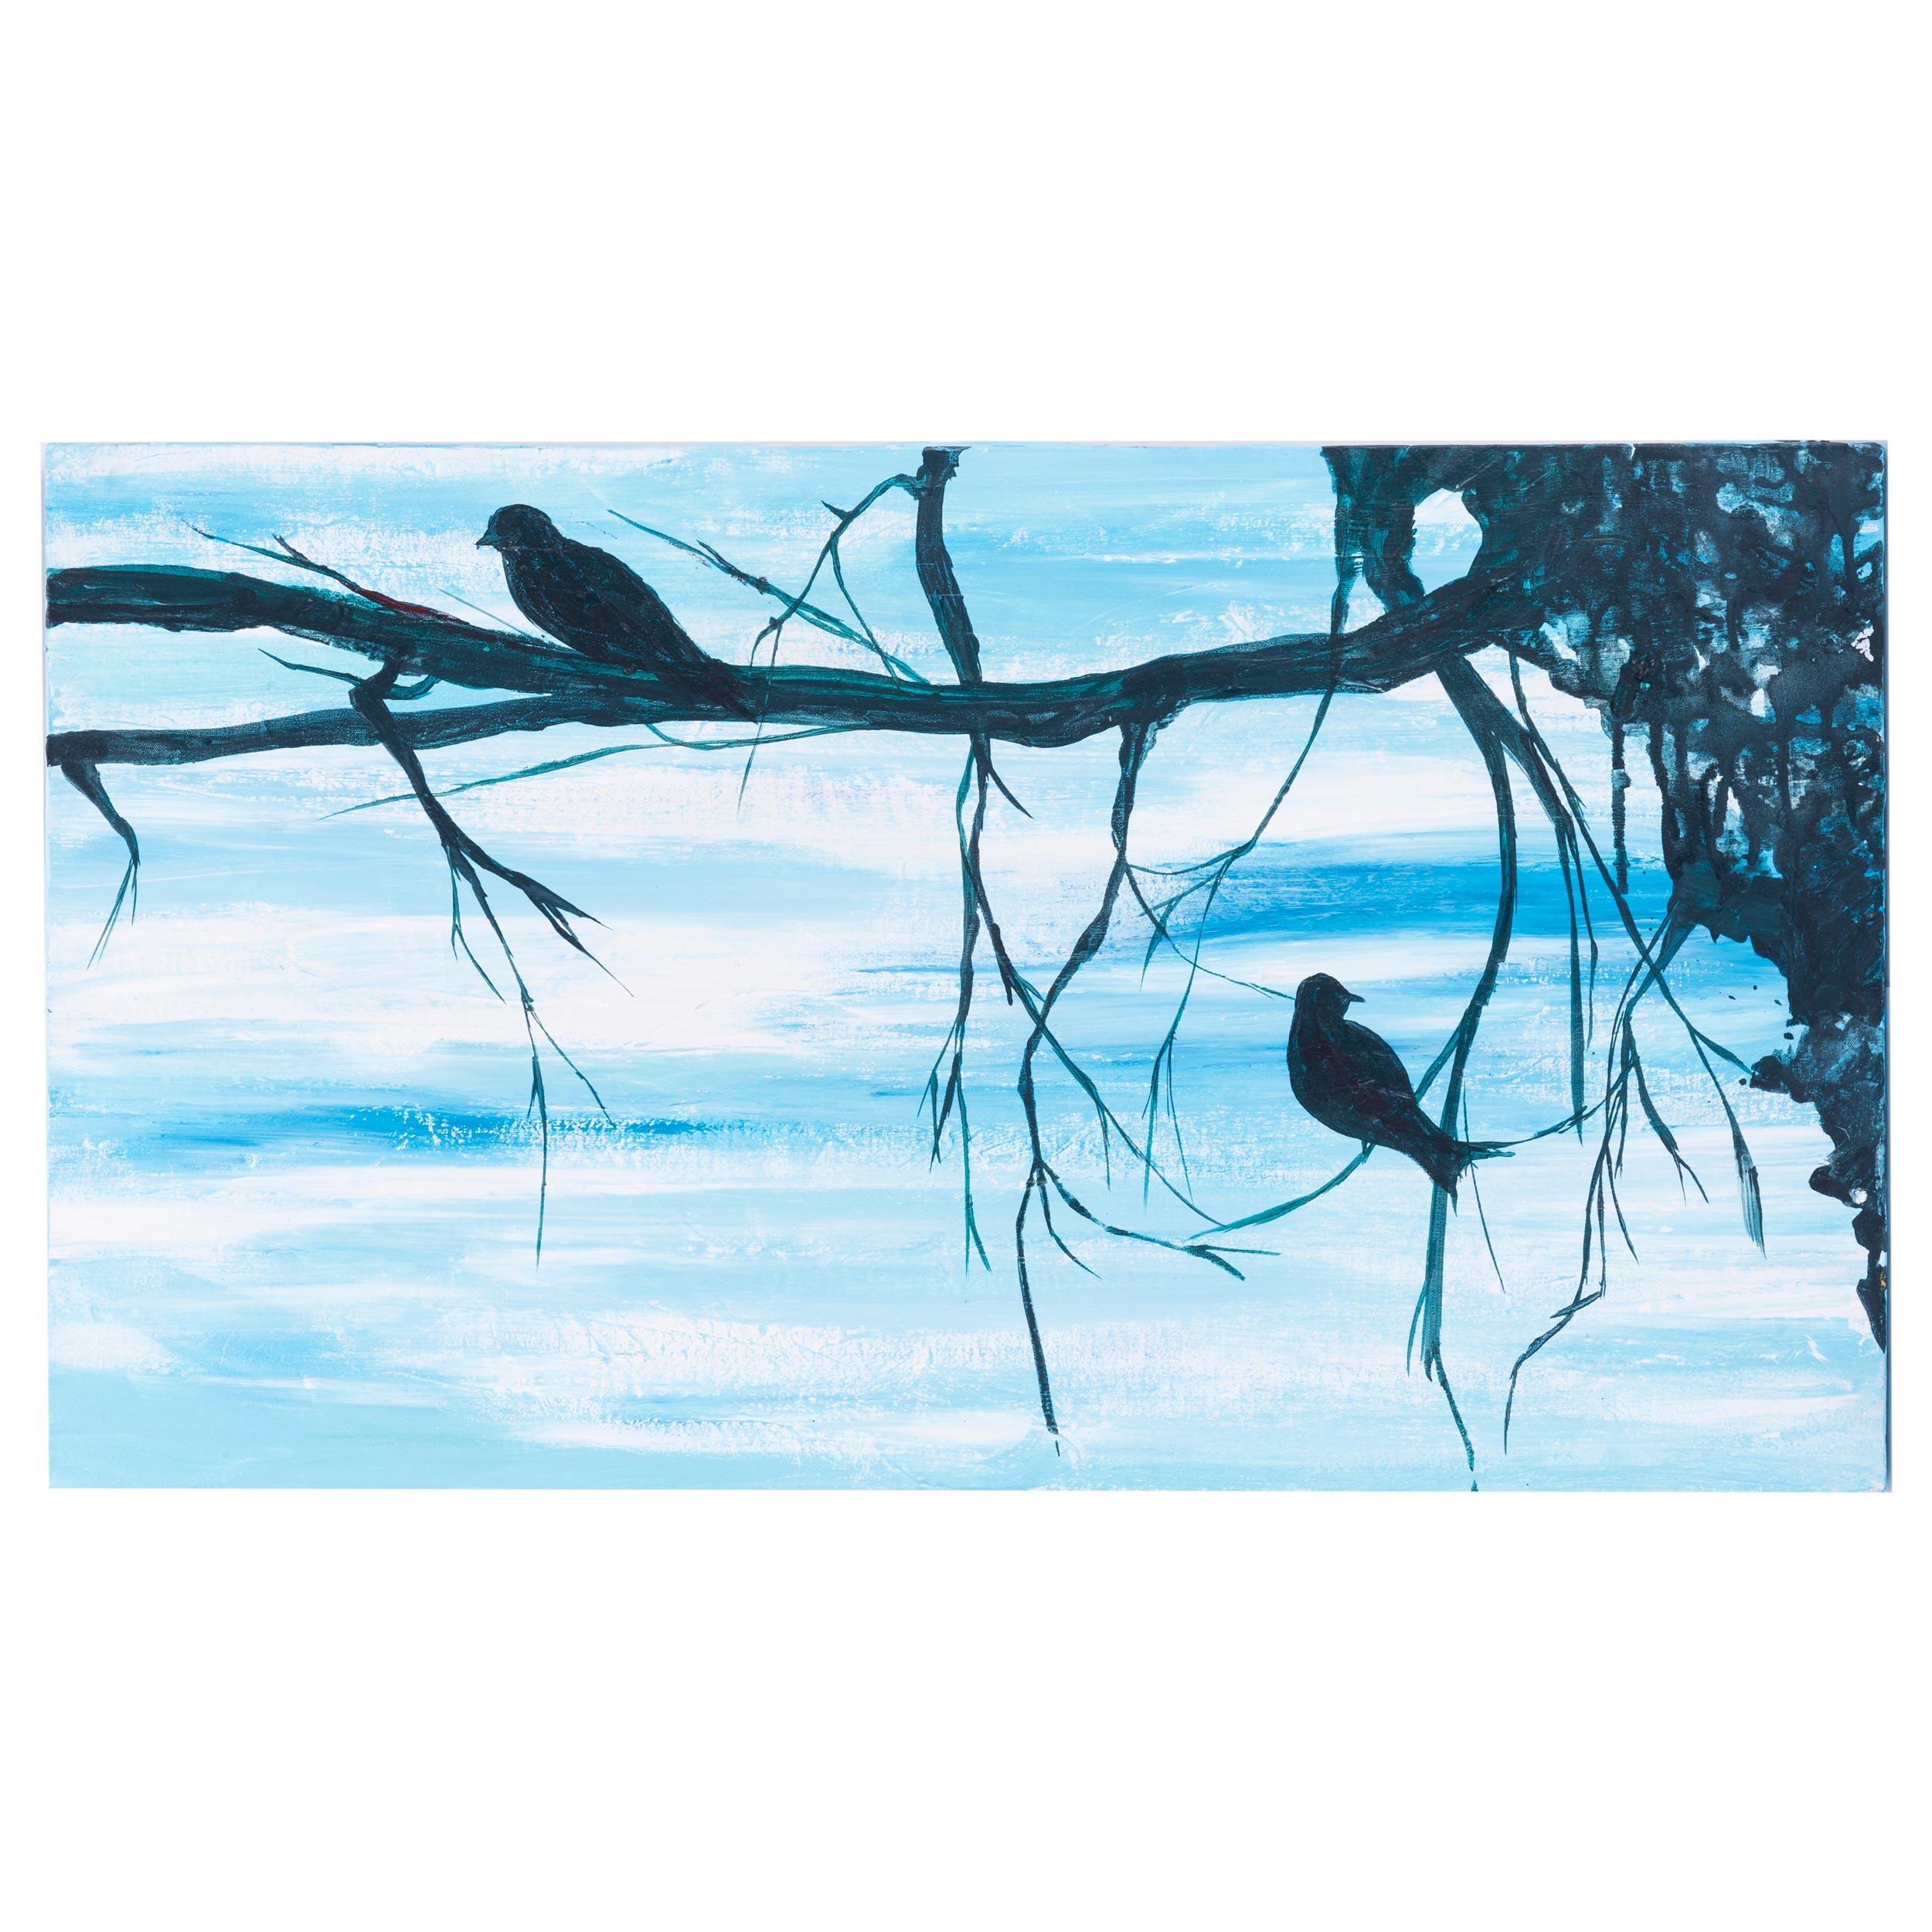 تابلو نقاشی گالری سی پرشیا طرح پرندگان کد 201323